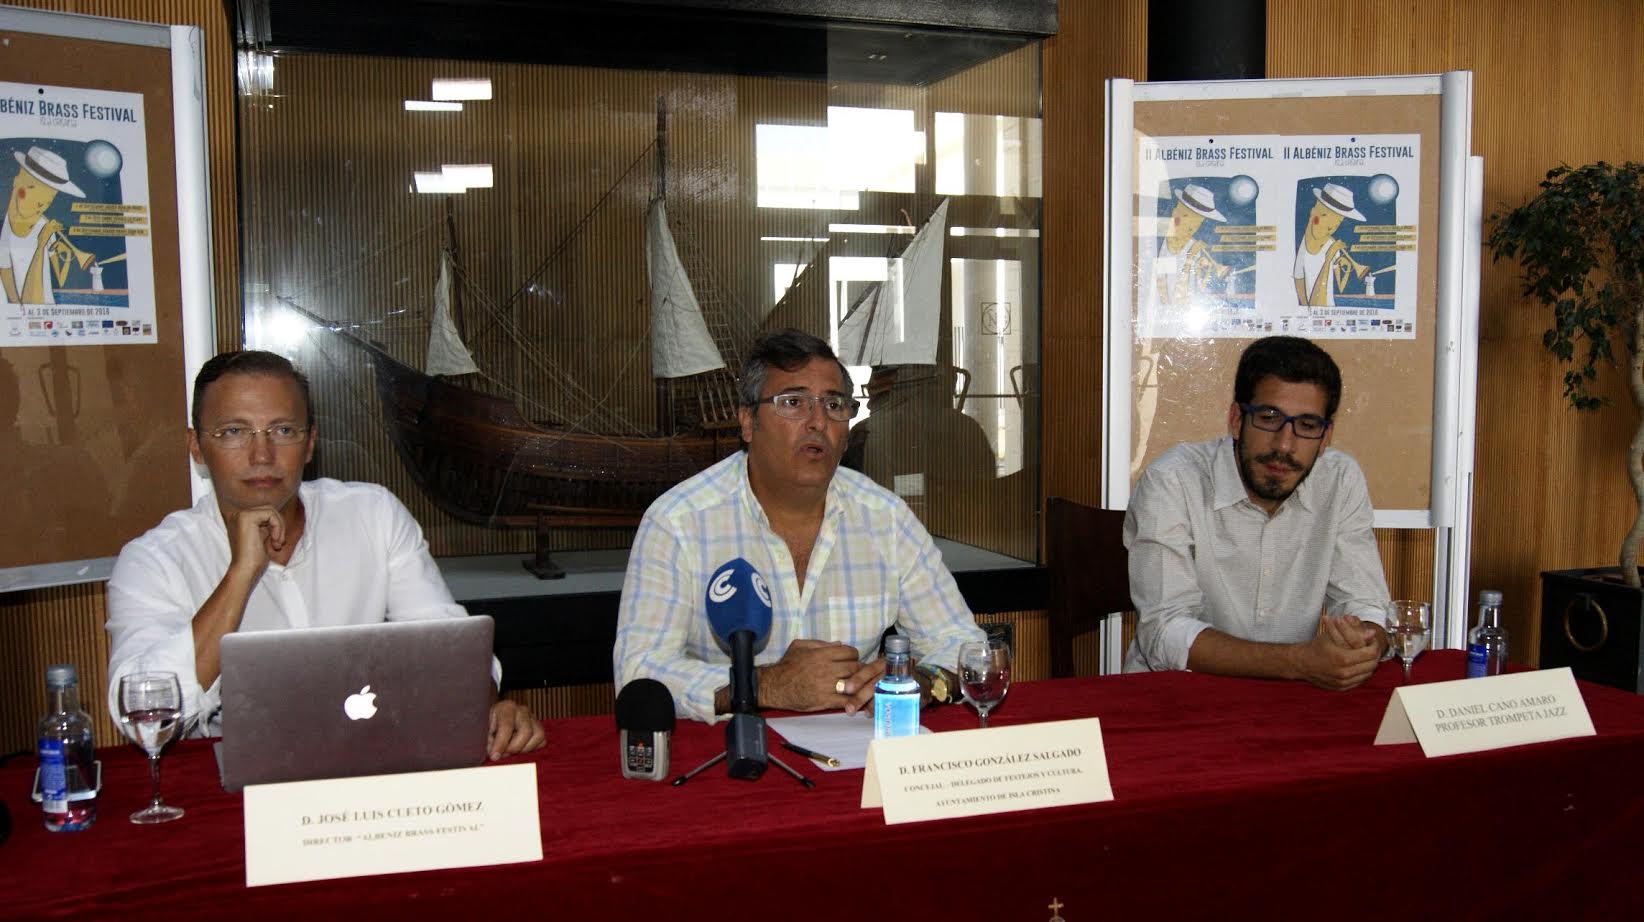 Presentada la II Edición del Albéniz Brass Festival en Isla Cristina